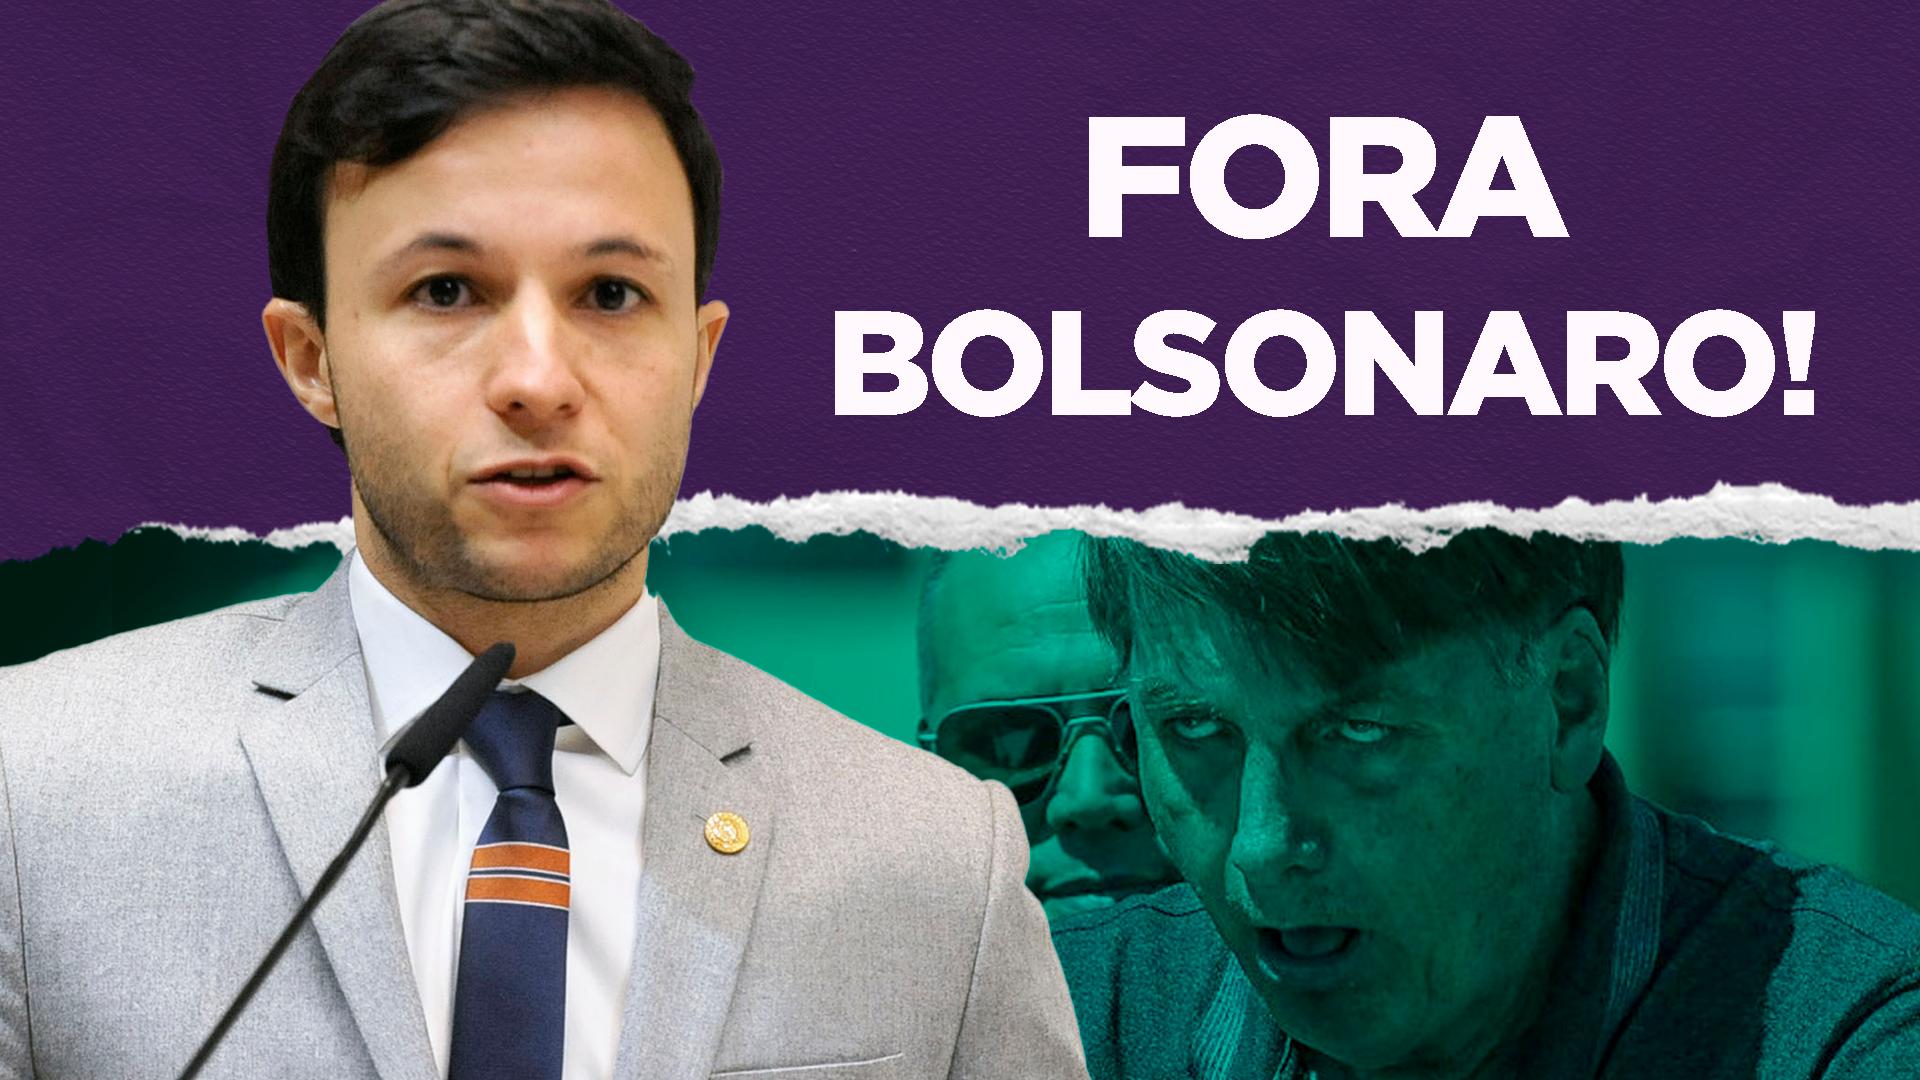 LIBERAIS CONTRA BOLSONARO! | LivresCast com Daniel José